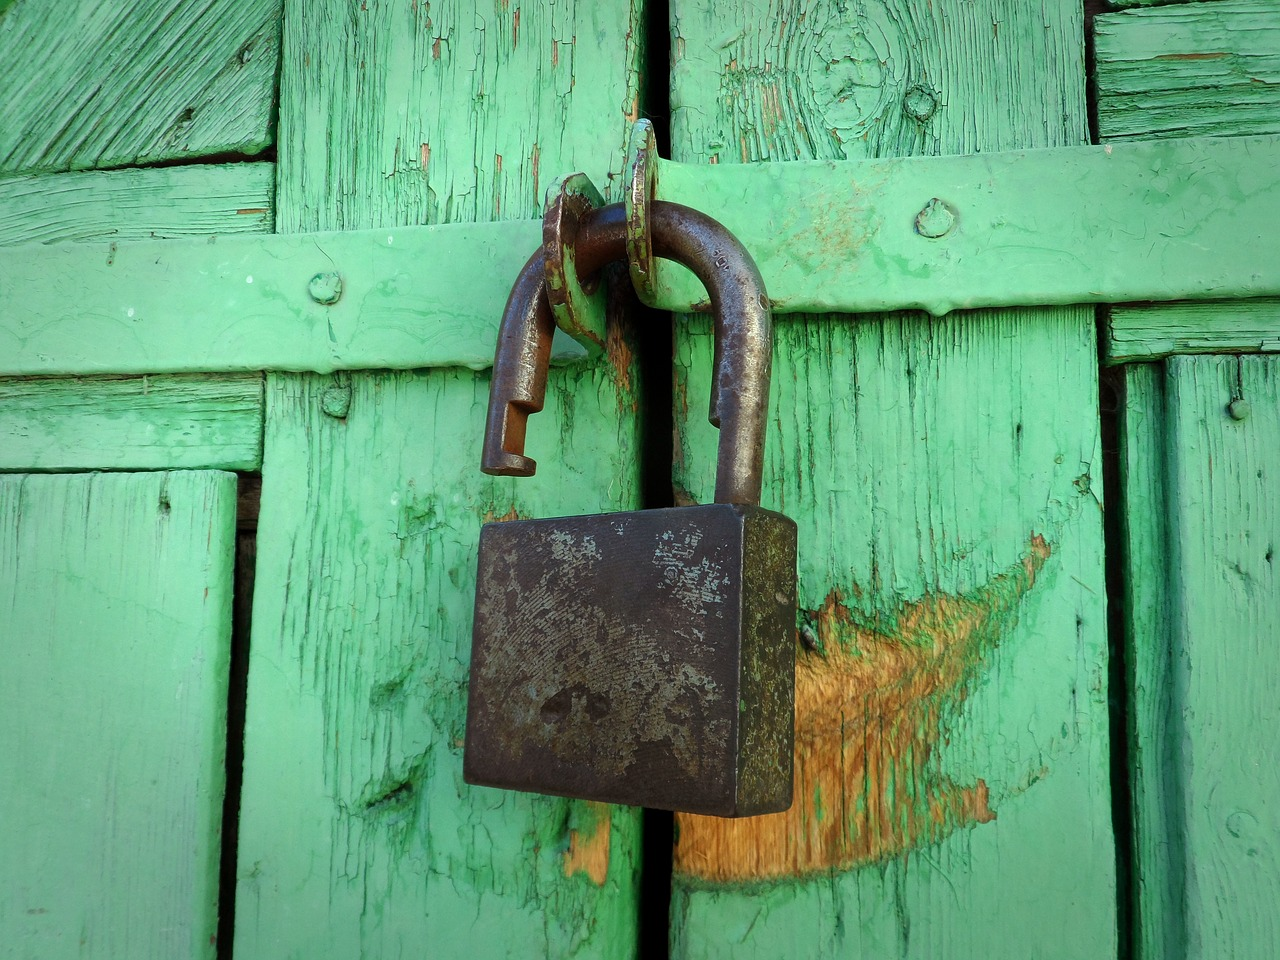 さくら(ロリポップは既に最近)のレンタルサーバーが独自ドメイン無料SSL化対応したとの事でやってみた!